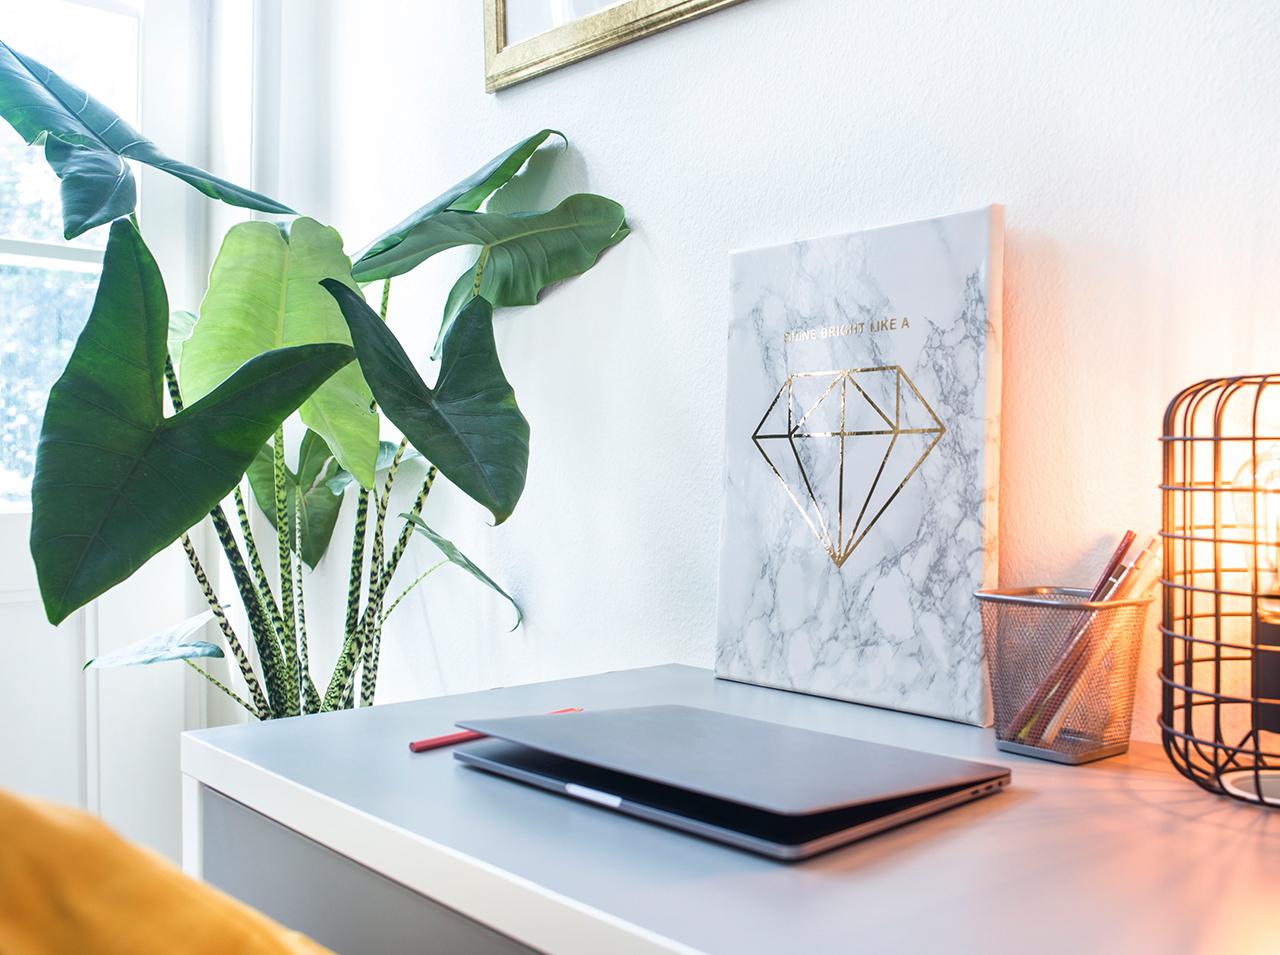 Bricolage de tableau en toile recouvert d'un film adhésif d-c-fix® à l'aspect marbré et décoré d'une application de diamant couleur or.